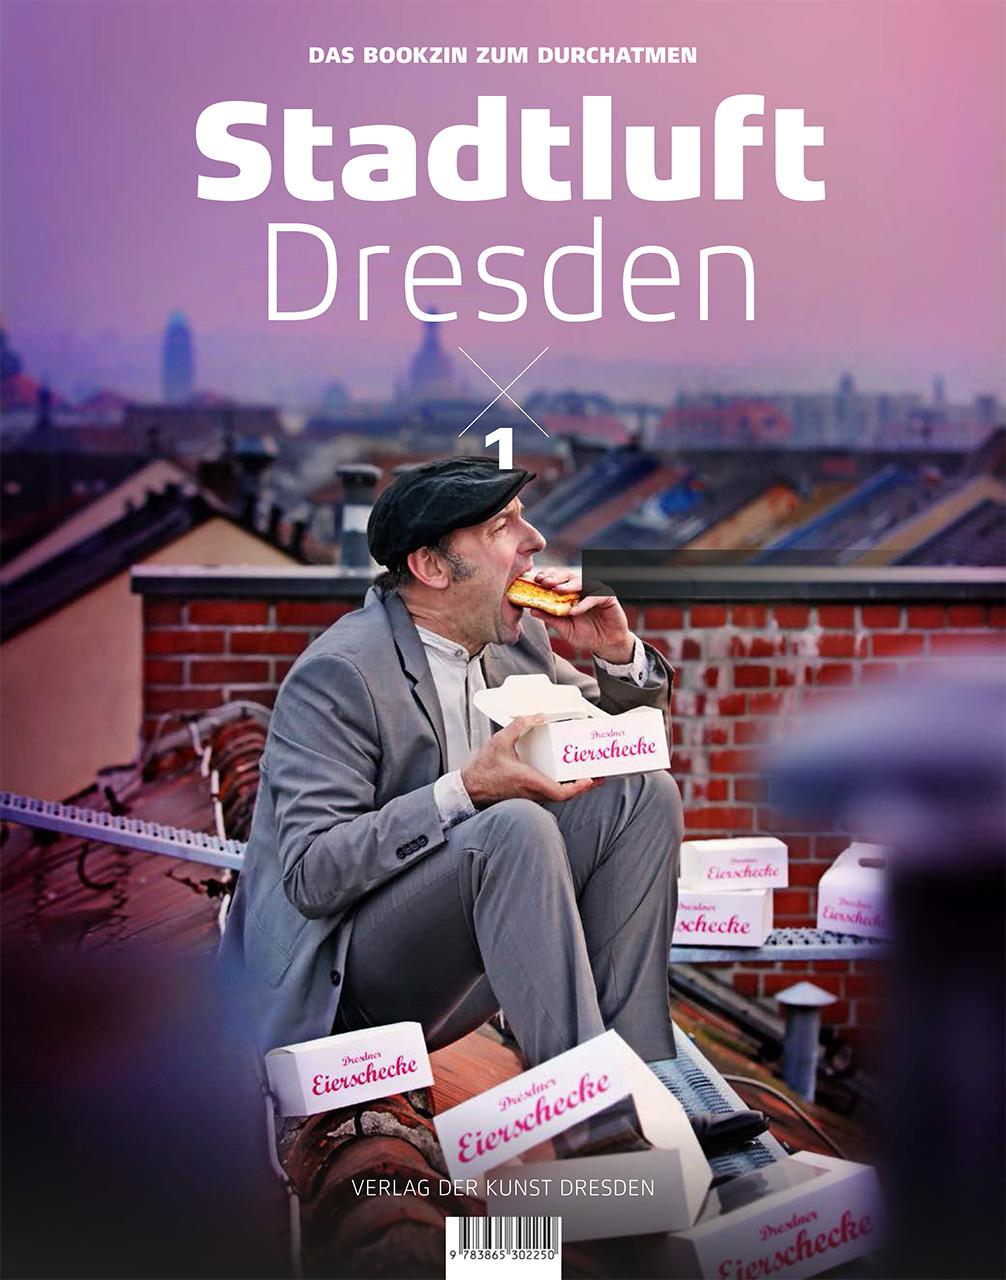 Stadtluft Dresden – das Bookzin zum Durchatmen